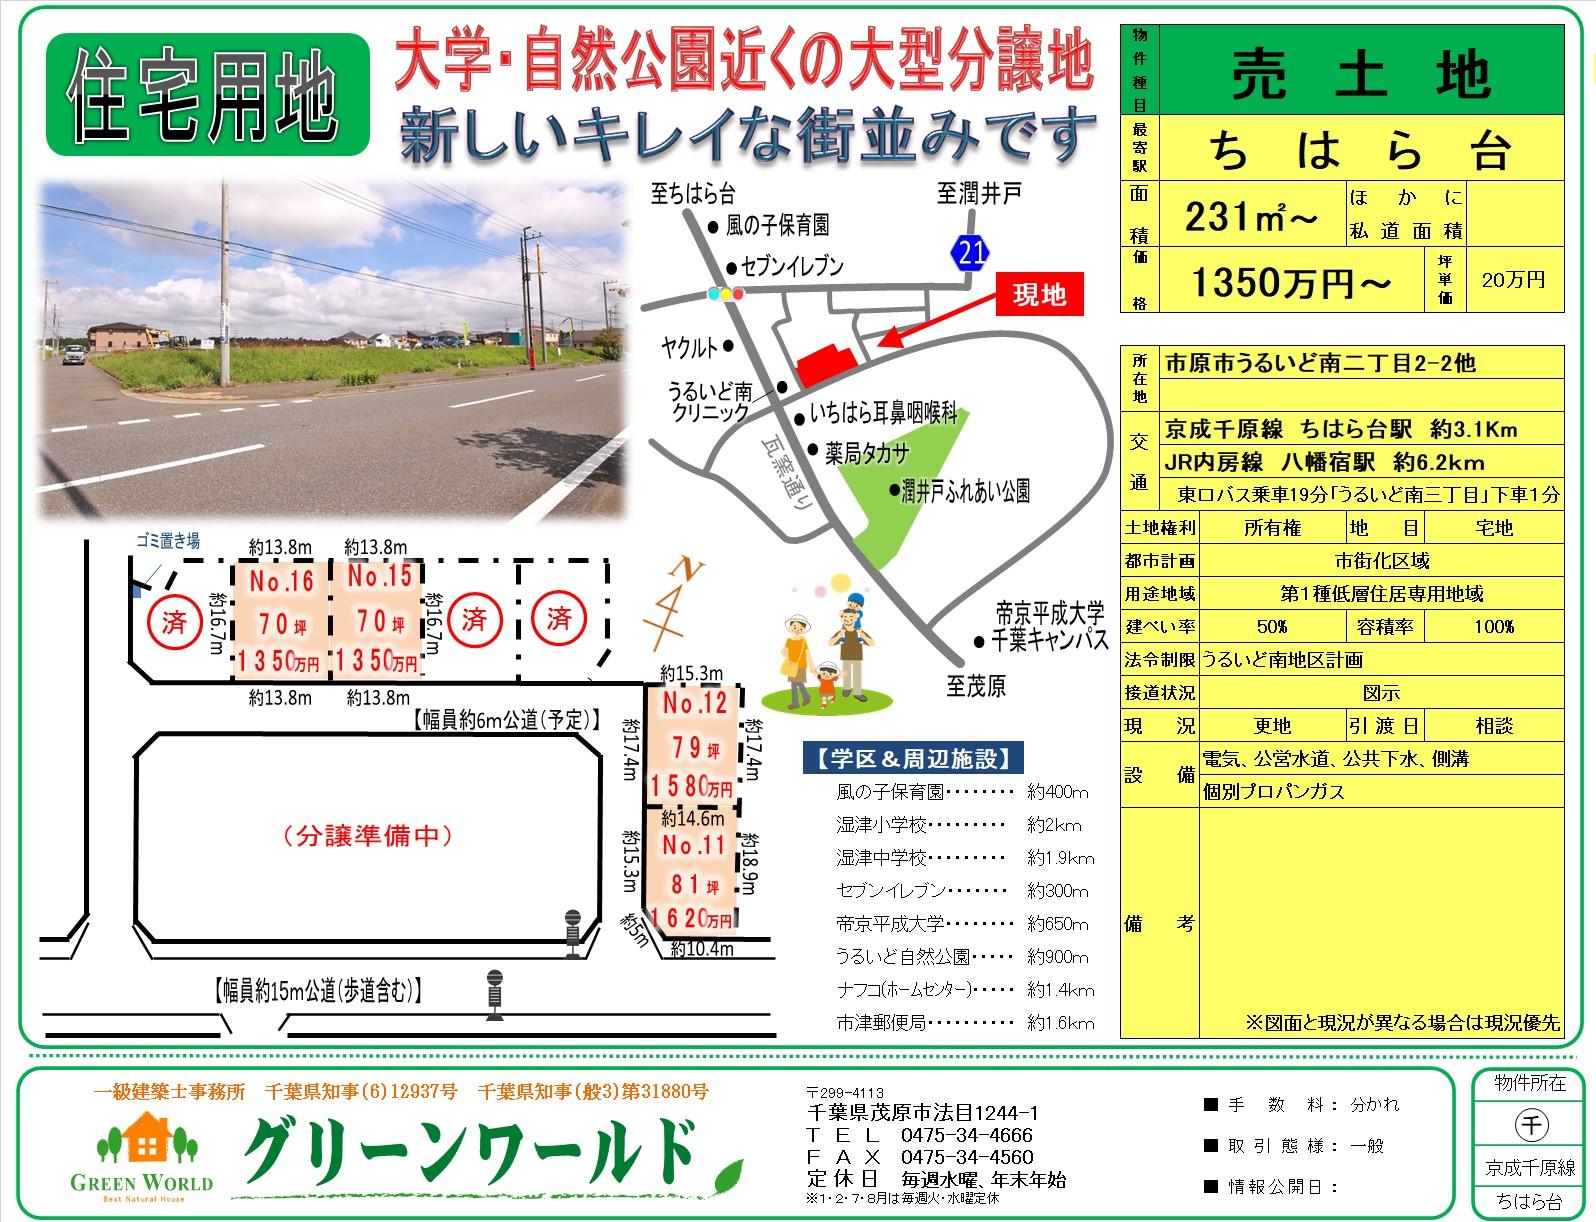 【売土地】うるいど南70~81坪 4区画